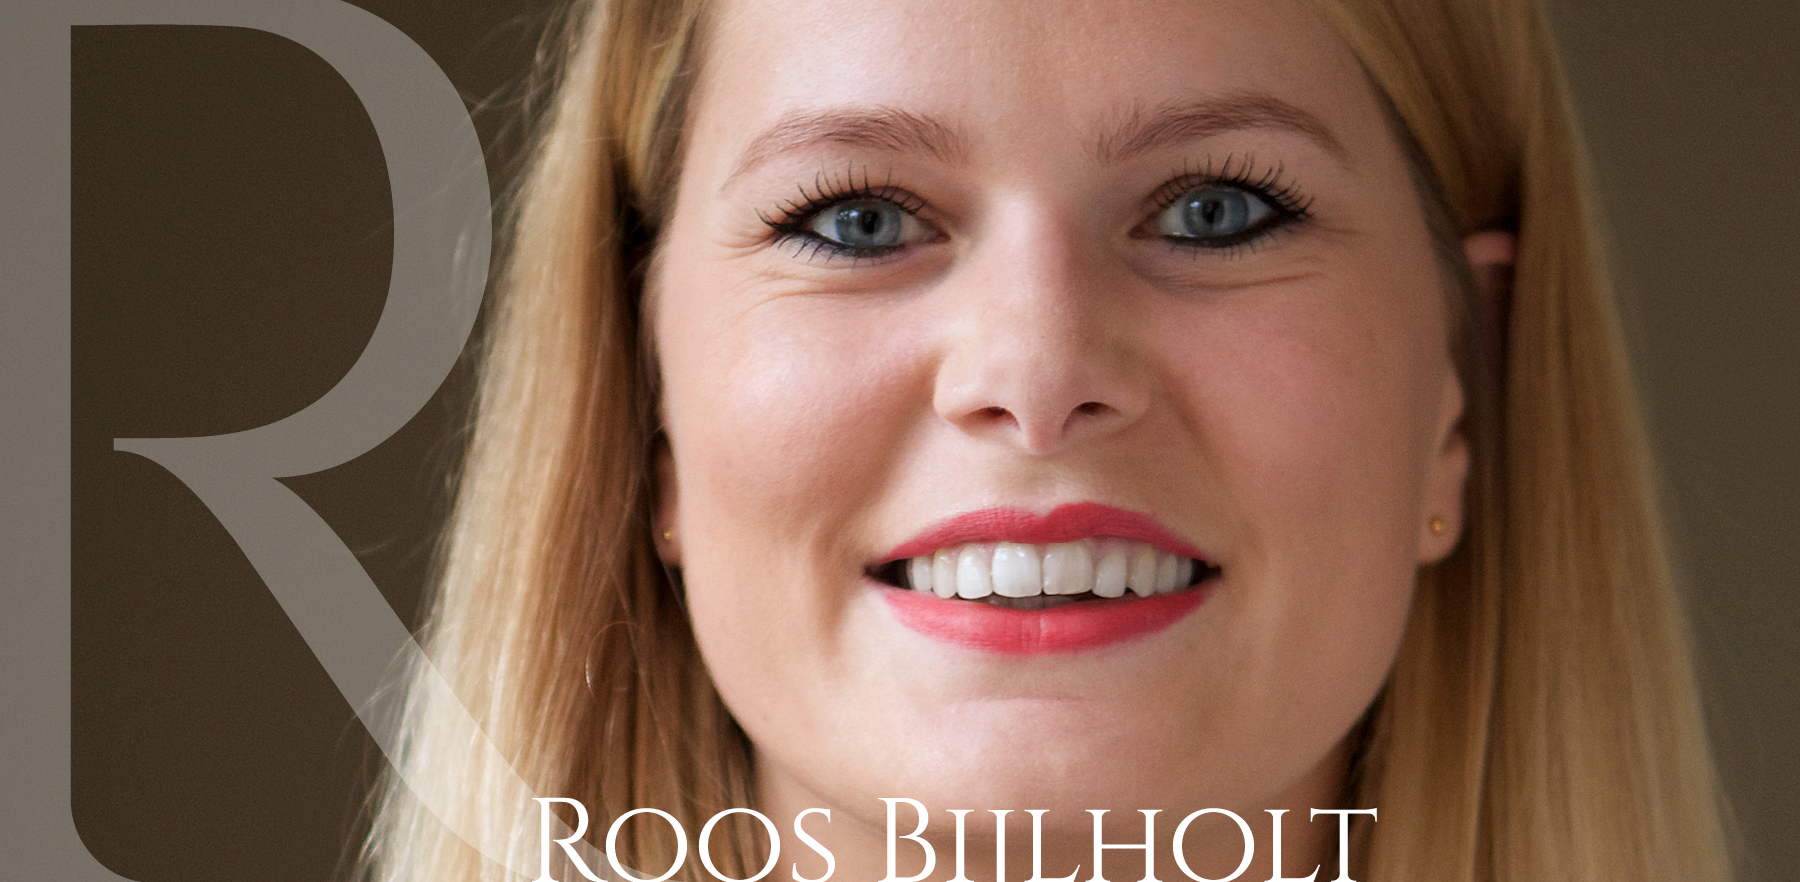 profiel_uitsnede_roos